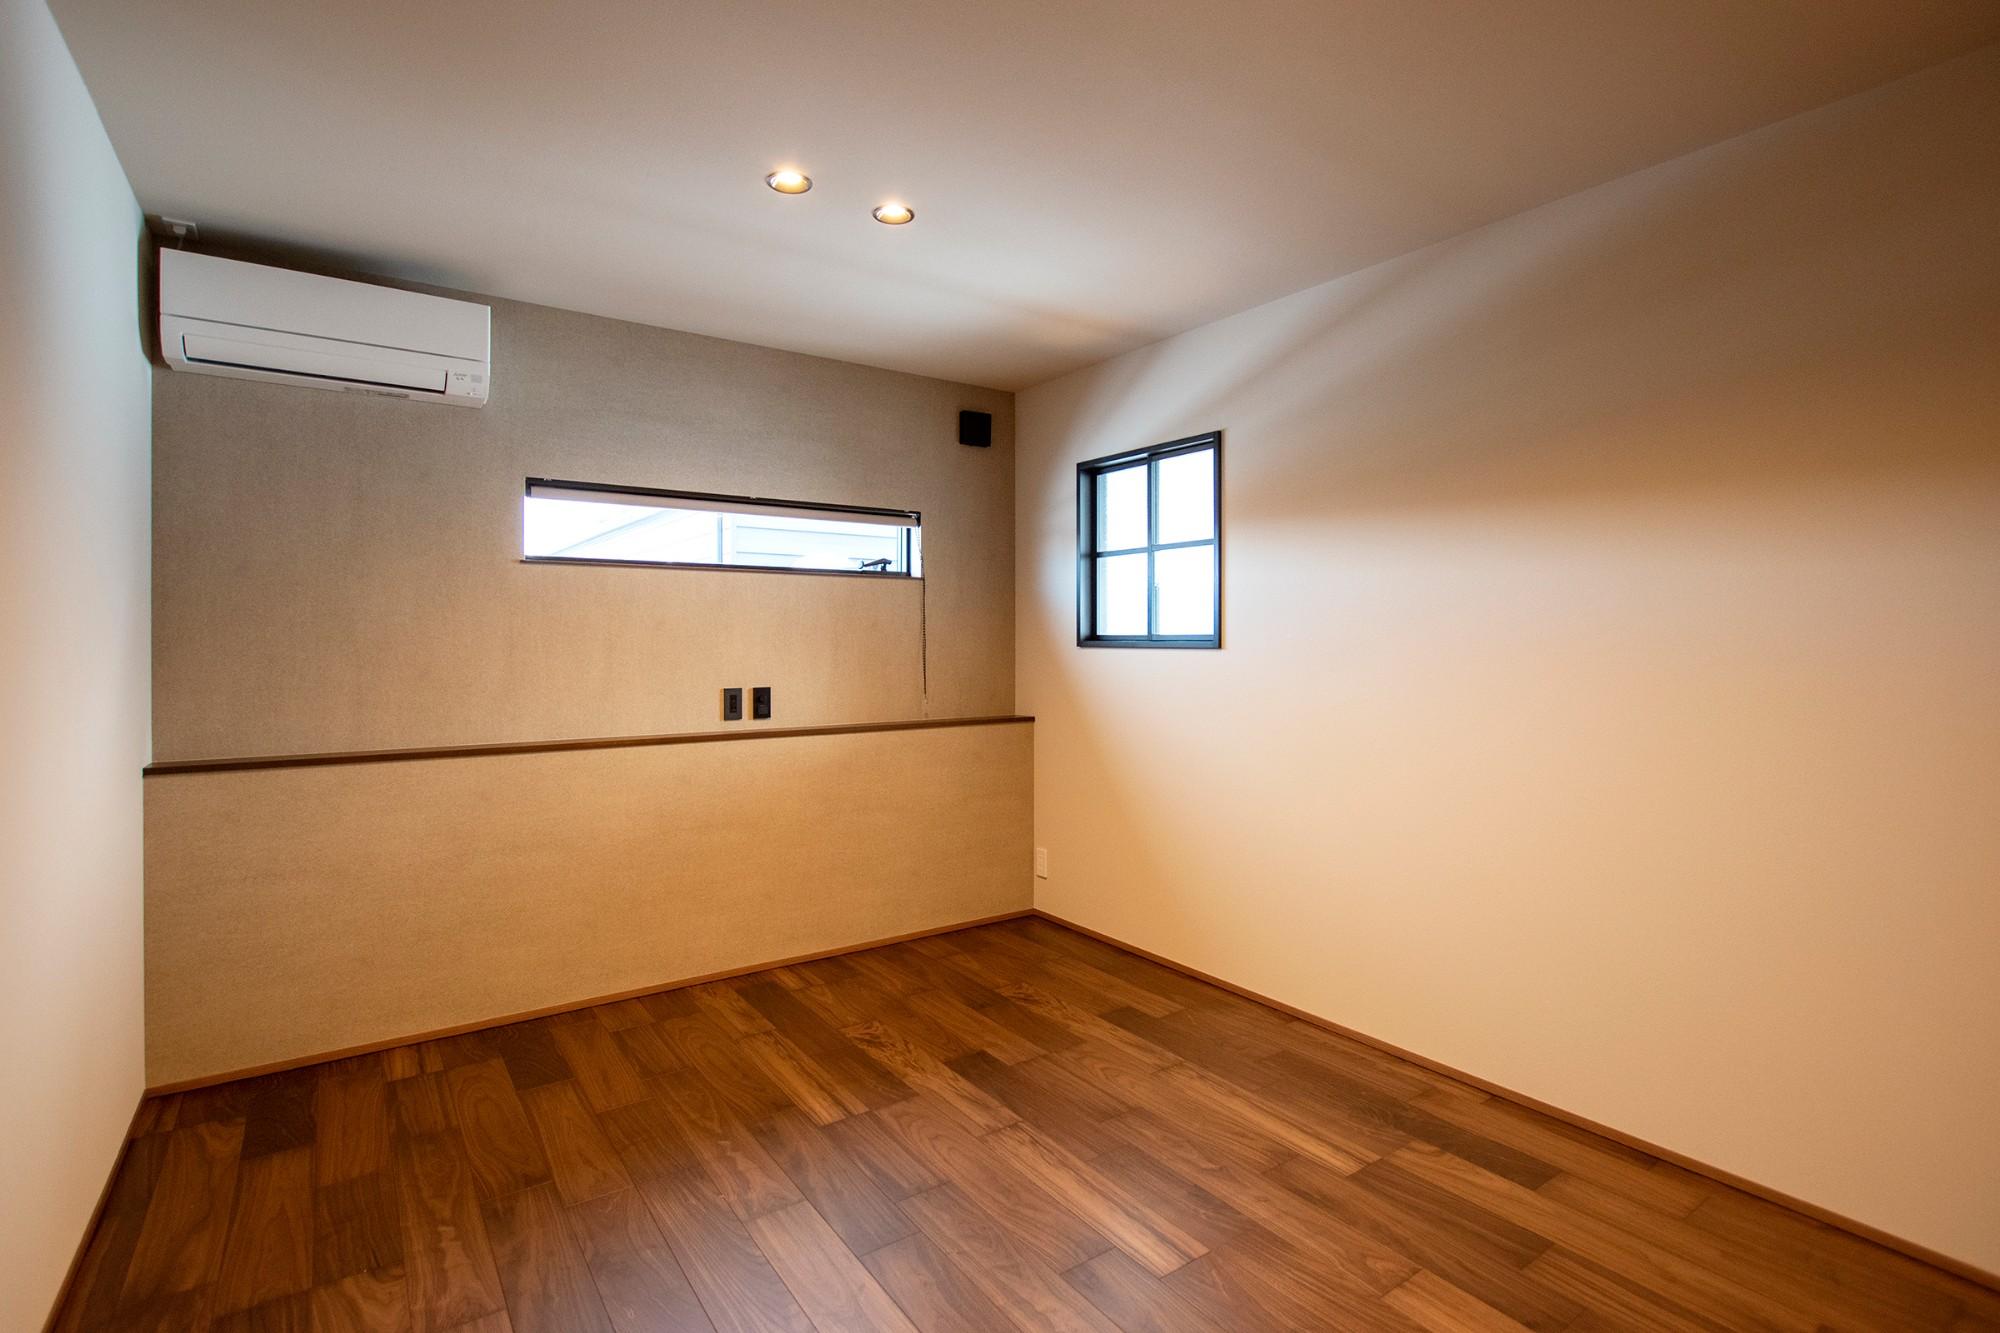 DETAIL HOME(ディテールホーム)「光が降りそそぐ開放感のある家」のシンプル・ナチュラルな居室の実例写真